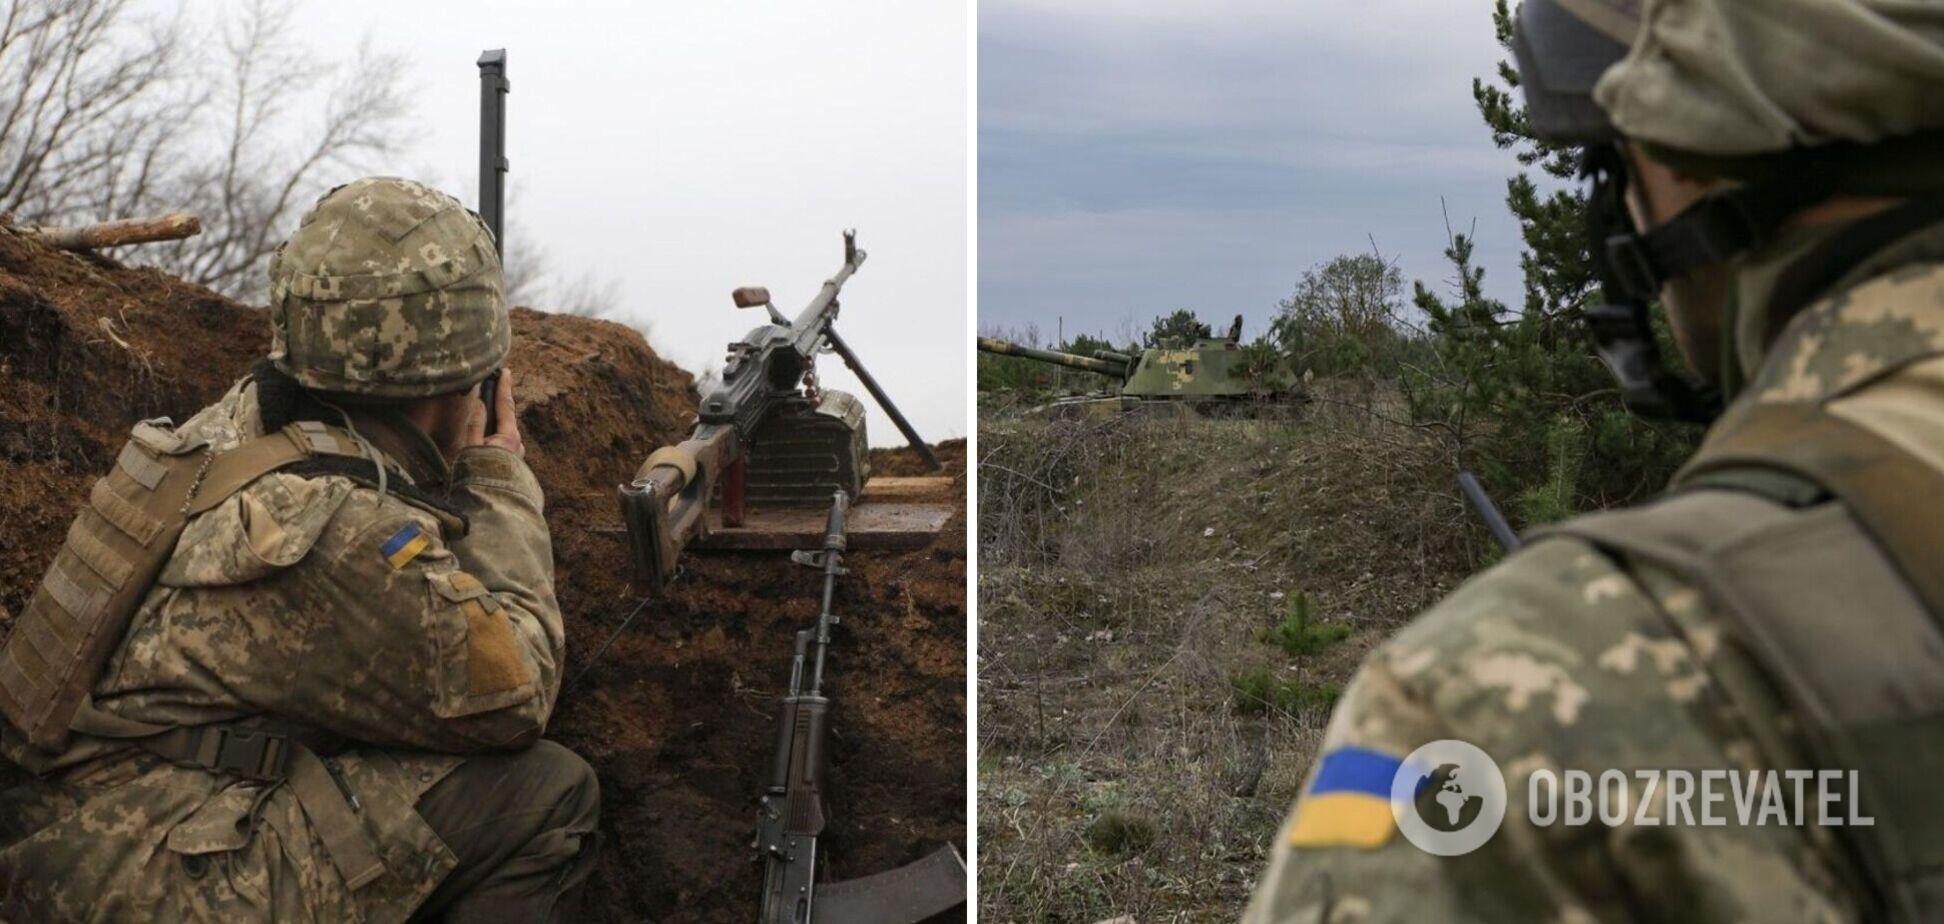 Боевики притихли после тяжелых обстрелов 28 августа – штаб ООС